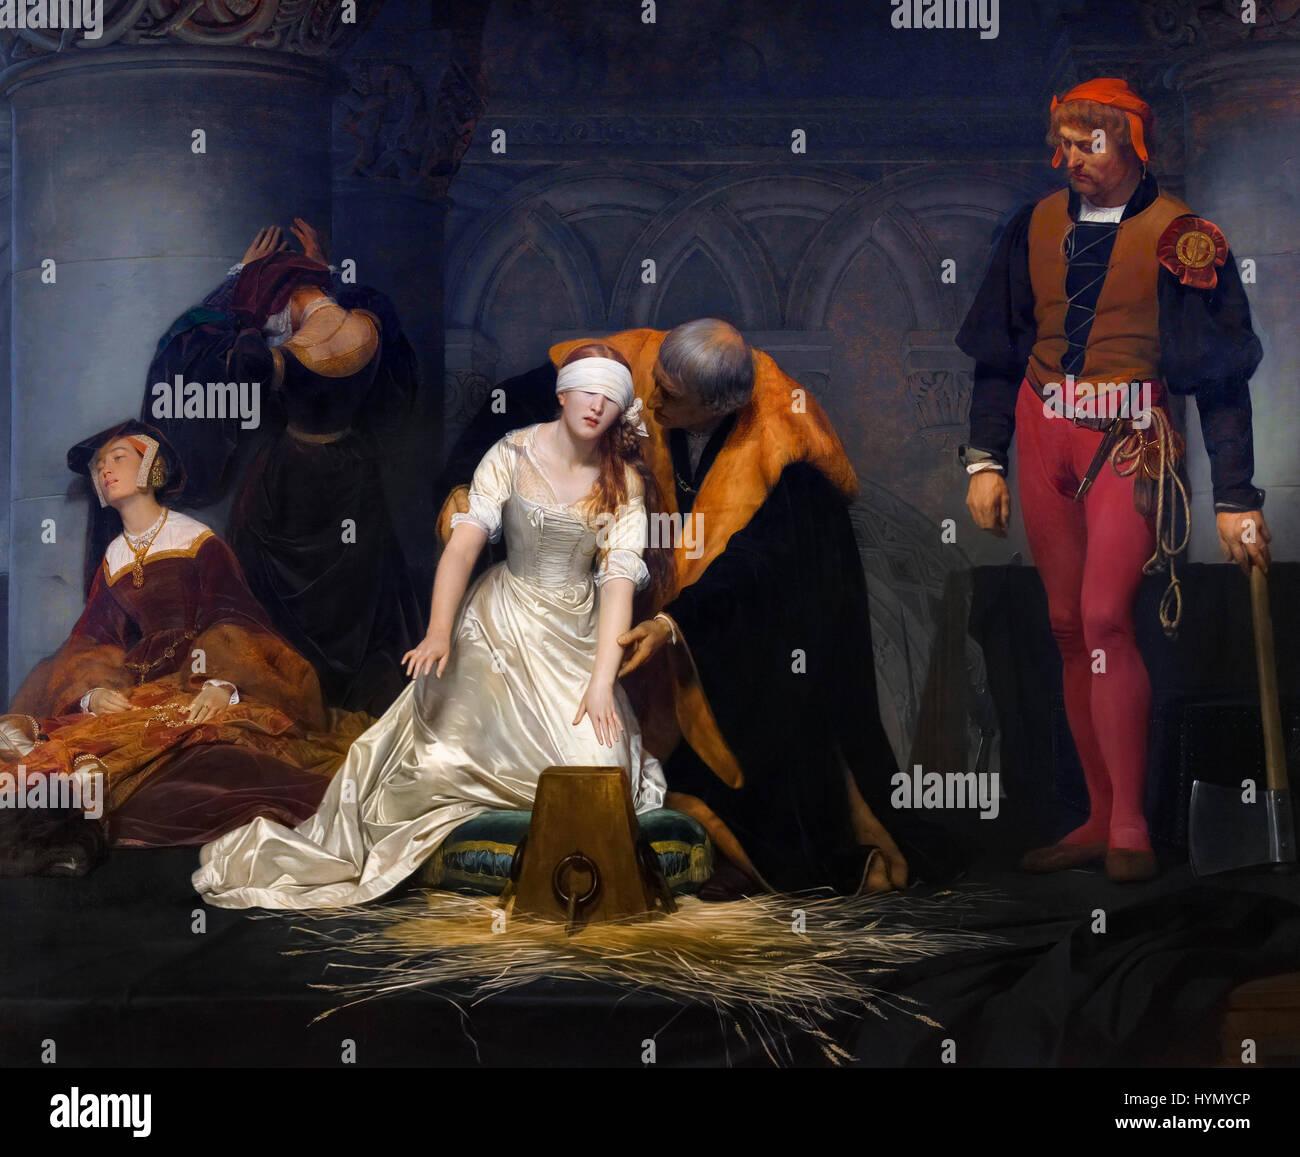 L'esecuzione di Lady Jane Gray di Paul delaroche (1795-1856), olio su tela, 1833. Lady Jane Grey regnò Immagini Stock